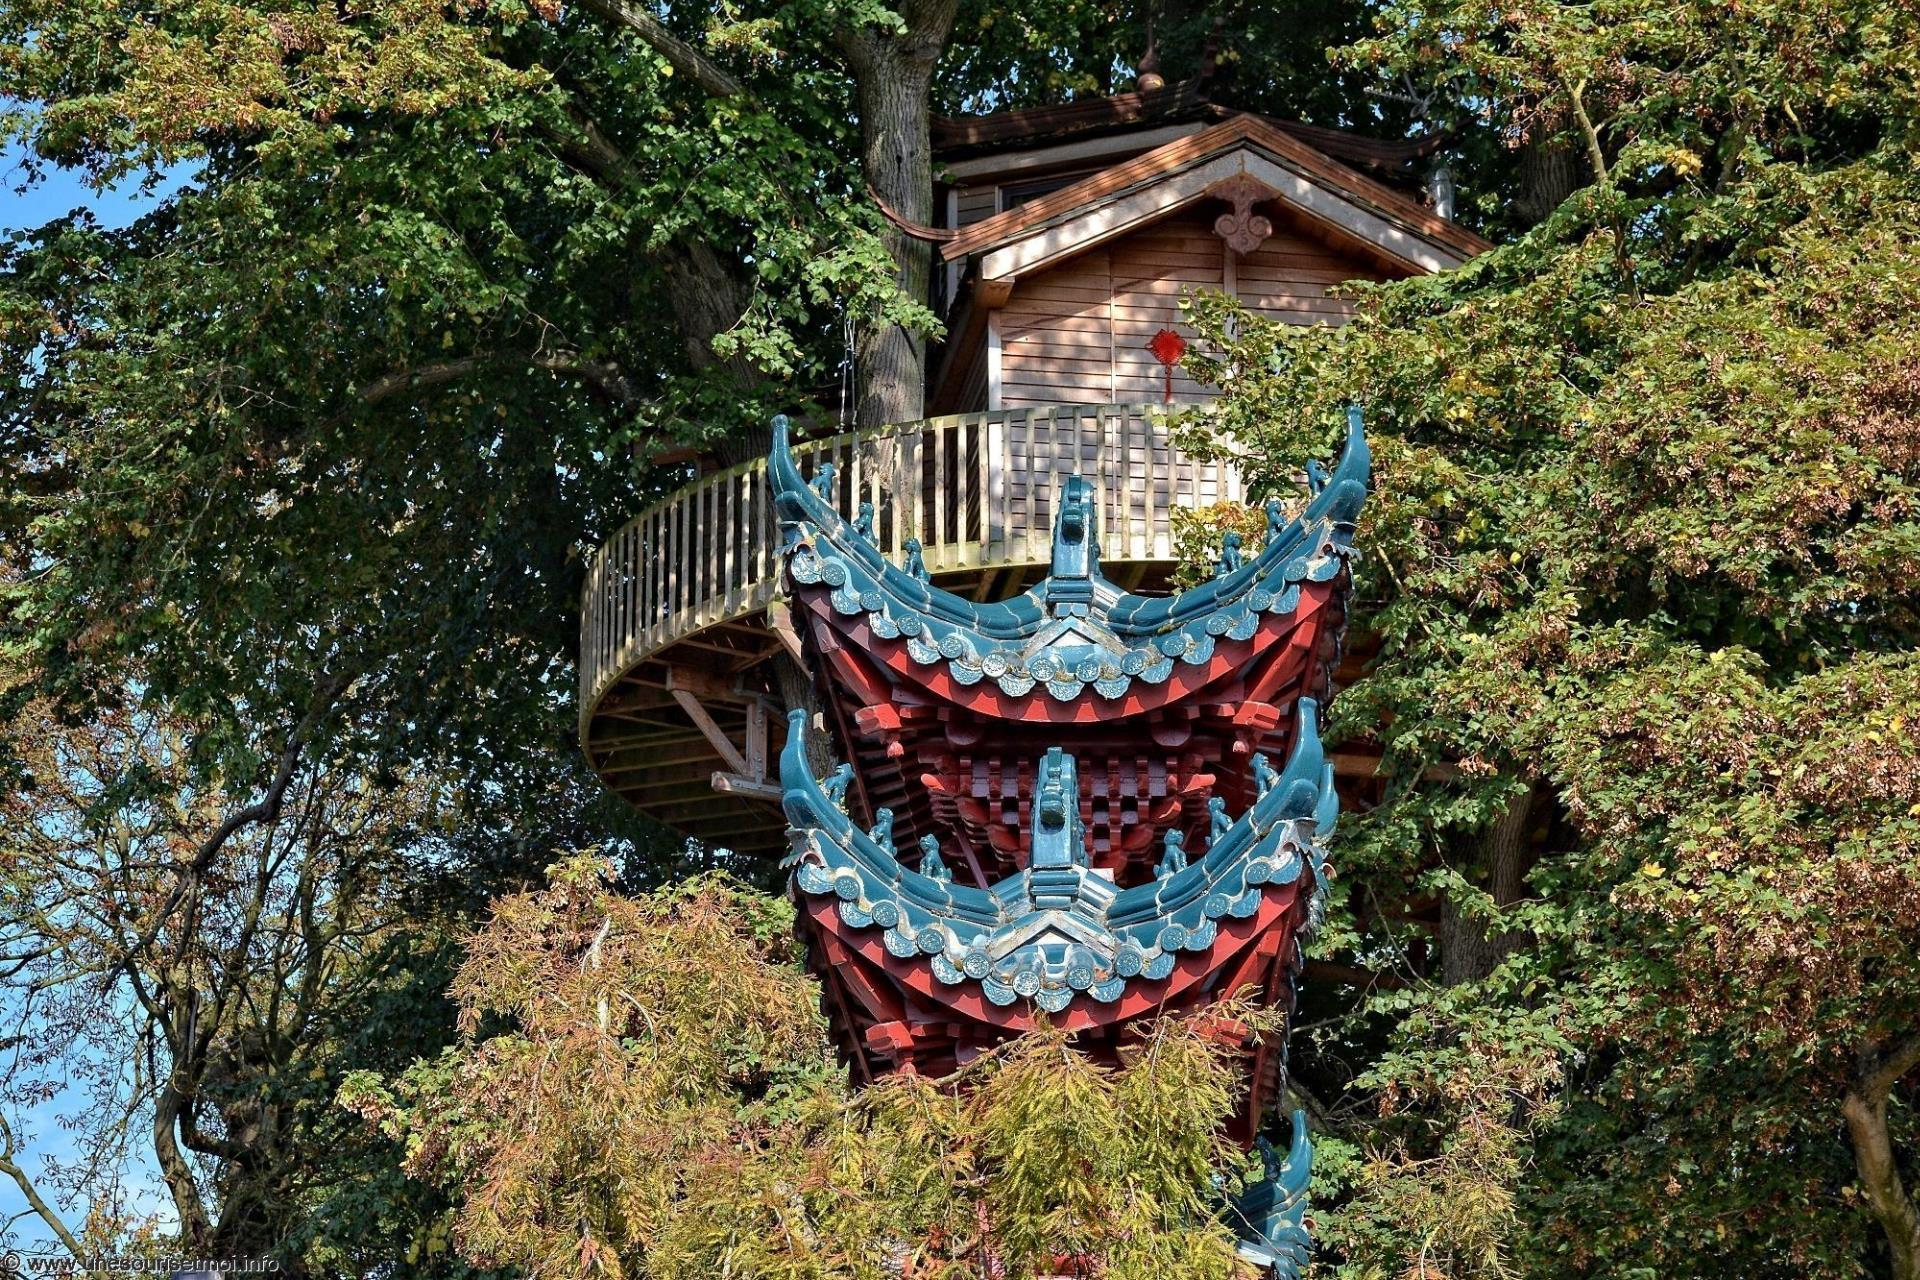 une-cabane-dans-les-arbres-photo-de-la-chine_1